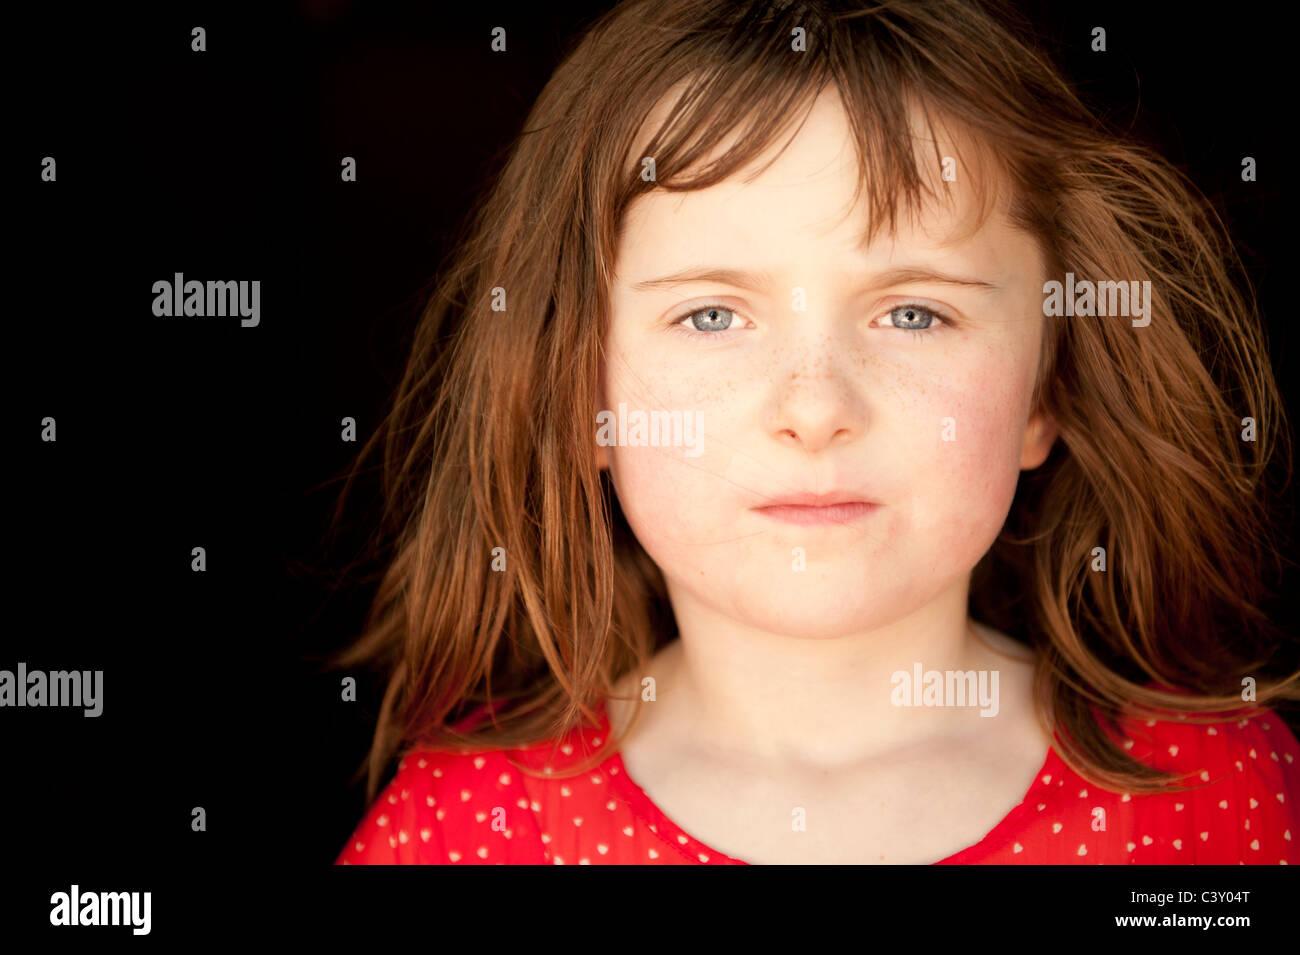 kleines Mädchen Blick in die Kamera mit ernsten Gesichtsausdruck Stockbild